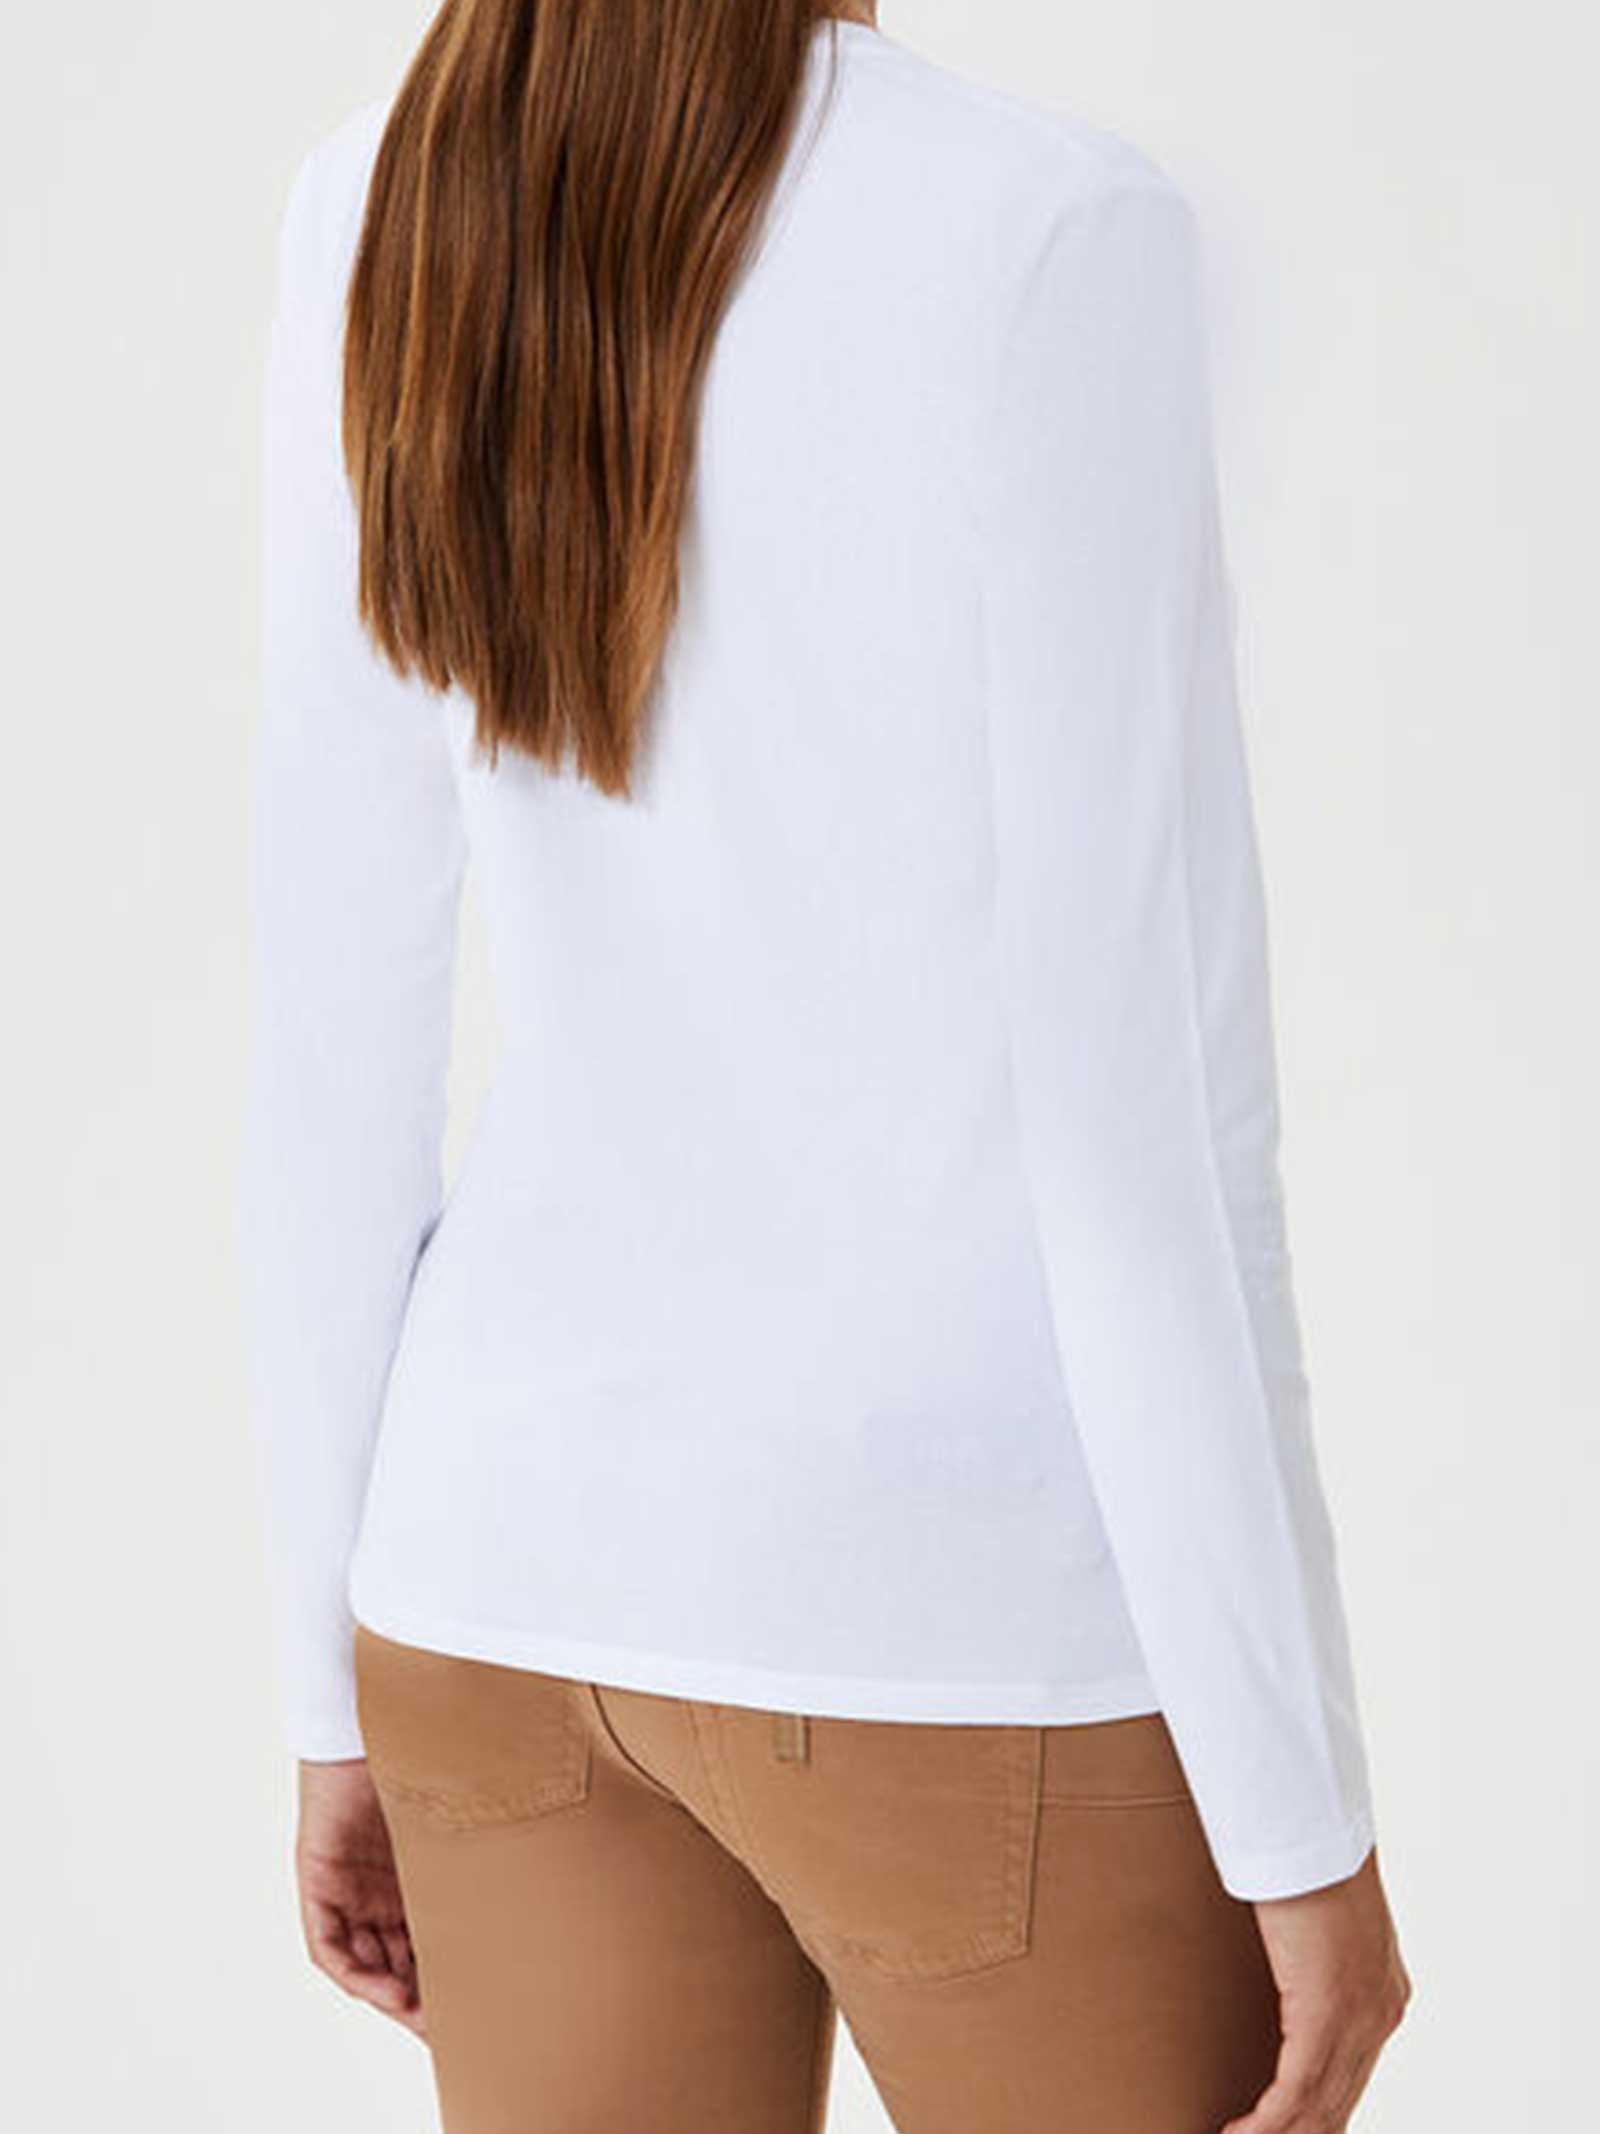 T-SHIRT LIU JO LIU JO   T-shirt   WF0389-J500311111